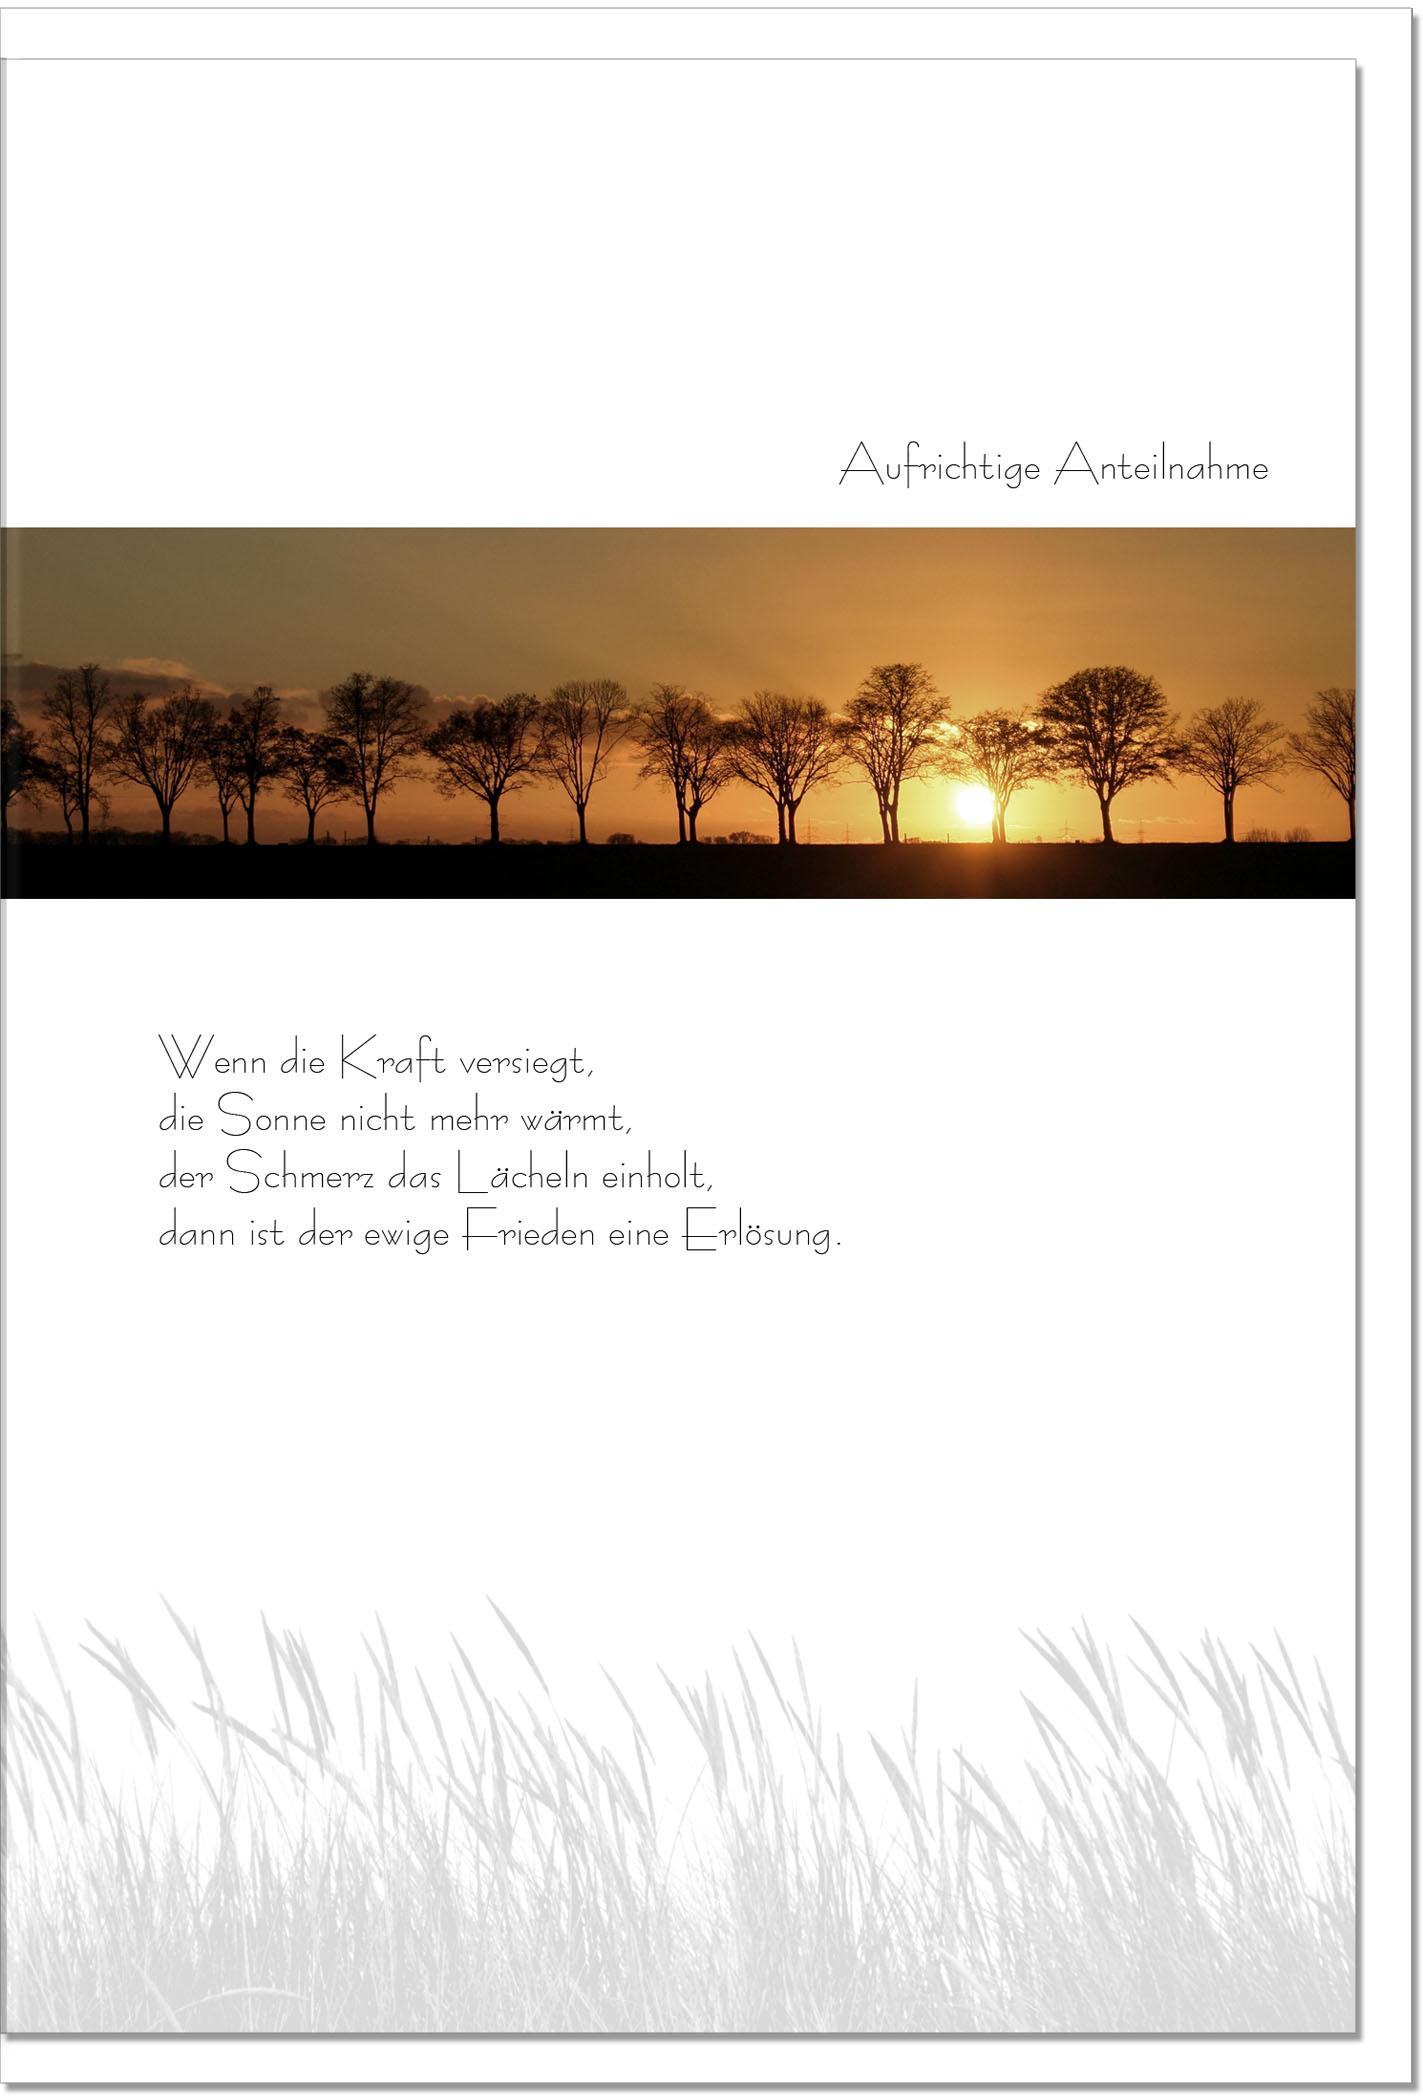 Trauerkarte ERLÖSUNG | Bäume im Sonnenuntergang | metALUm #00081